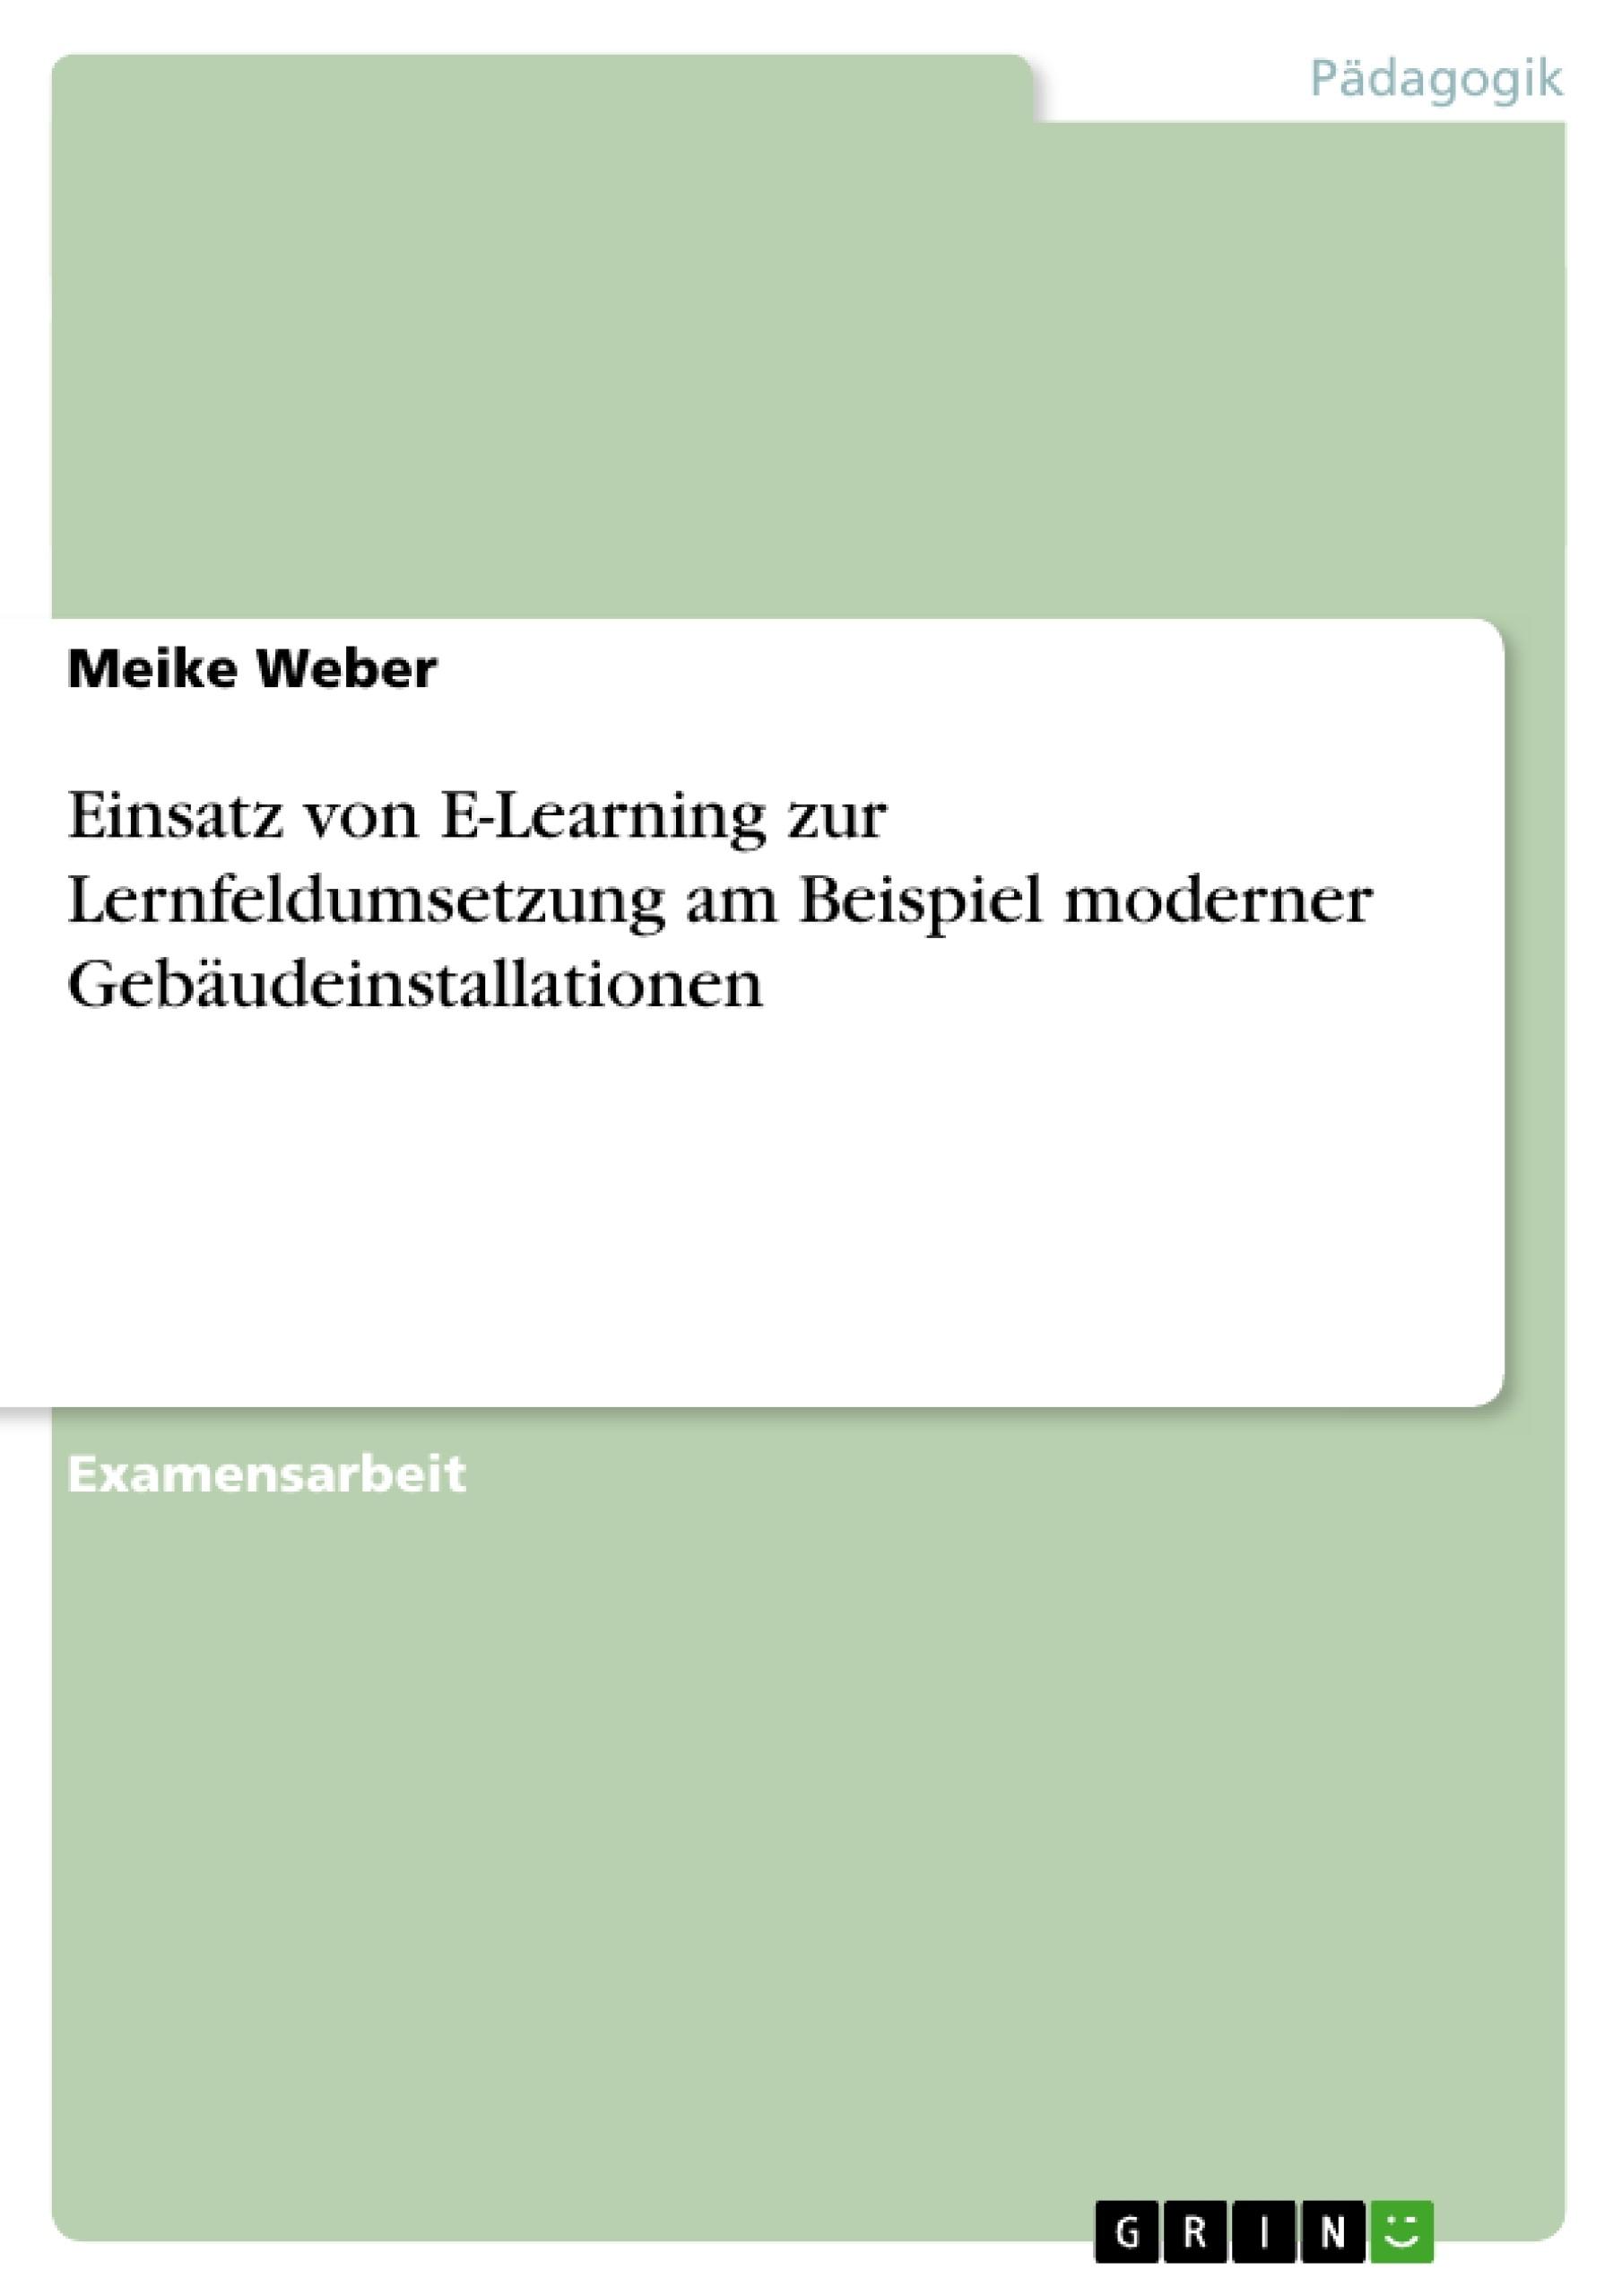 Titel: Einsatz von E-Learning zur Lernfeldumsetzung am Beispiel moderner Gebäudeinstallationen